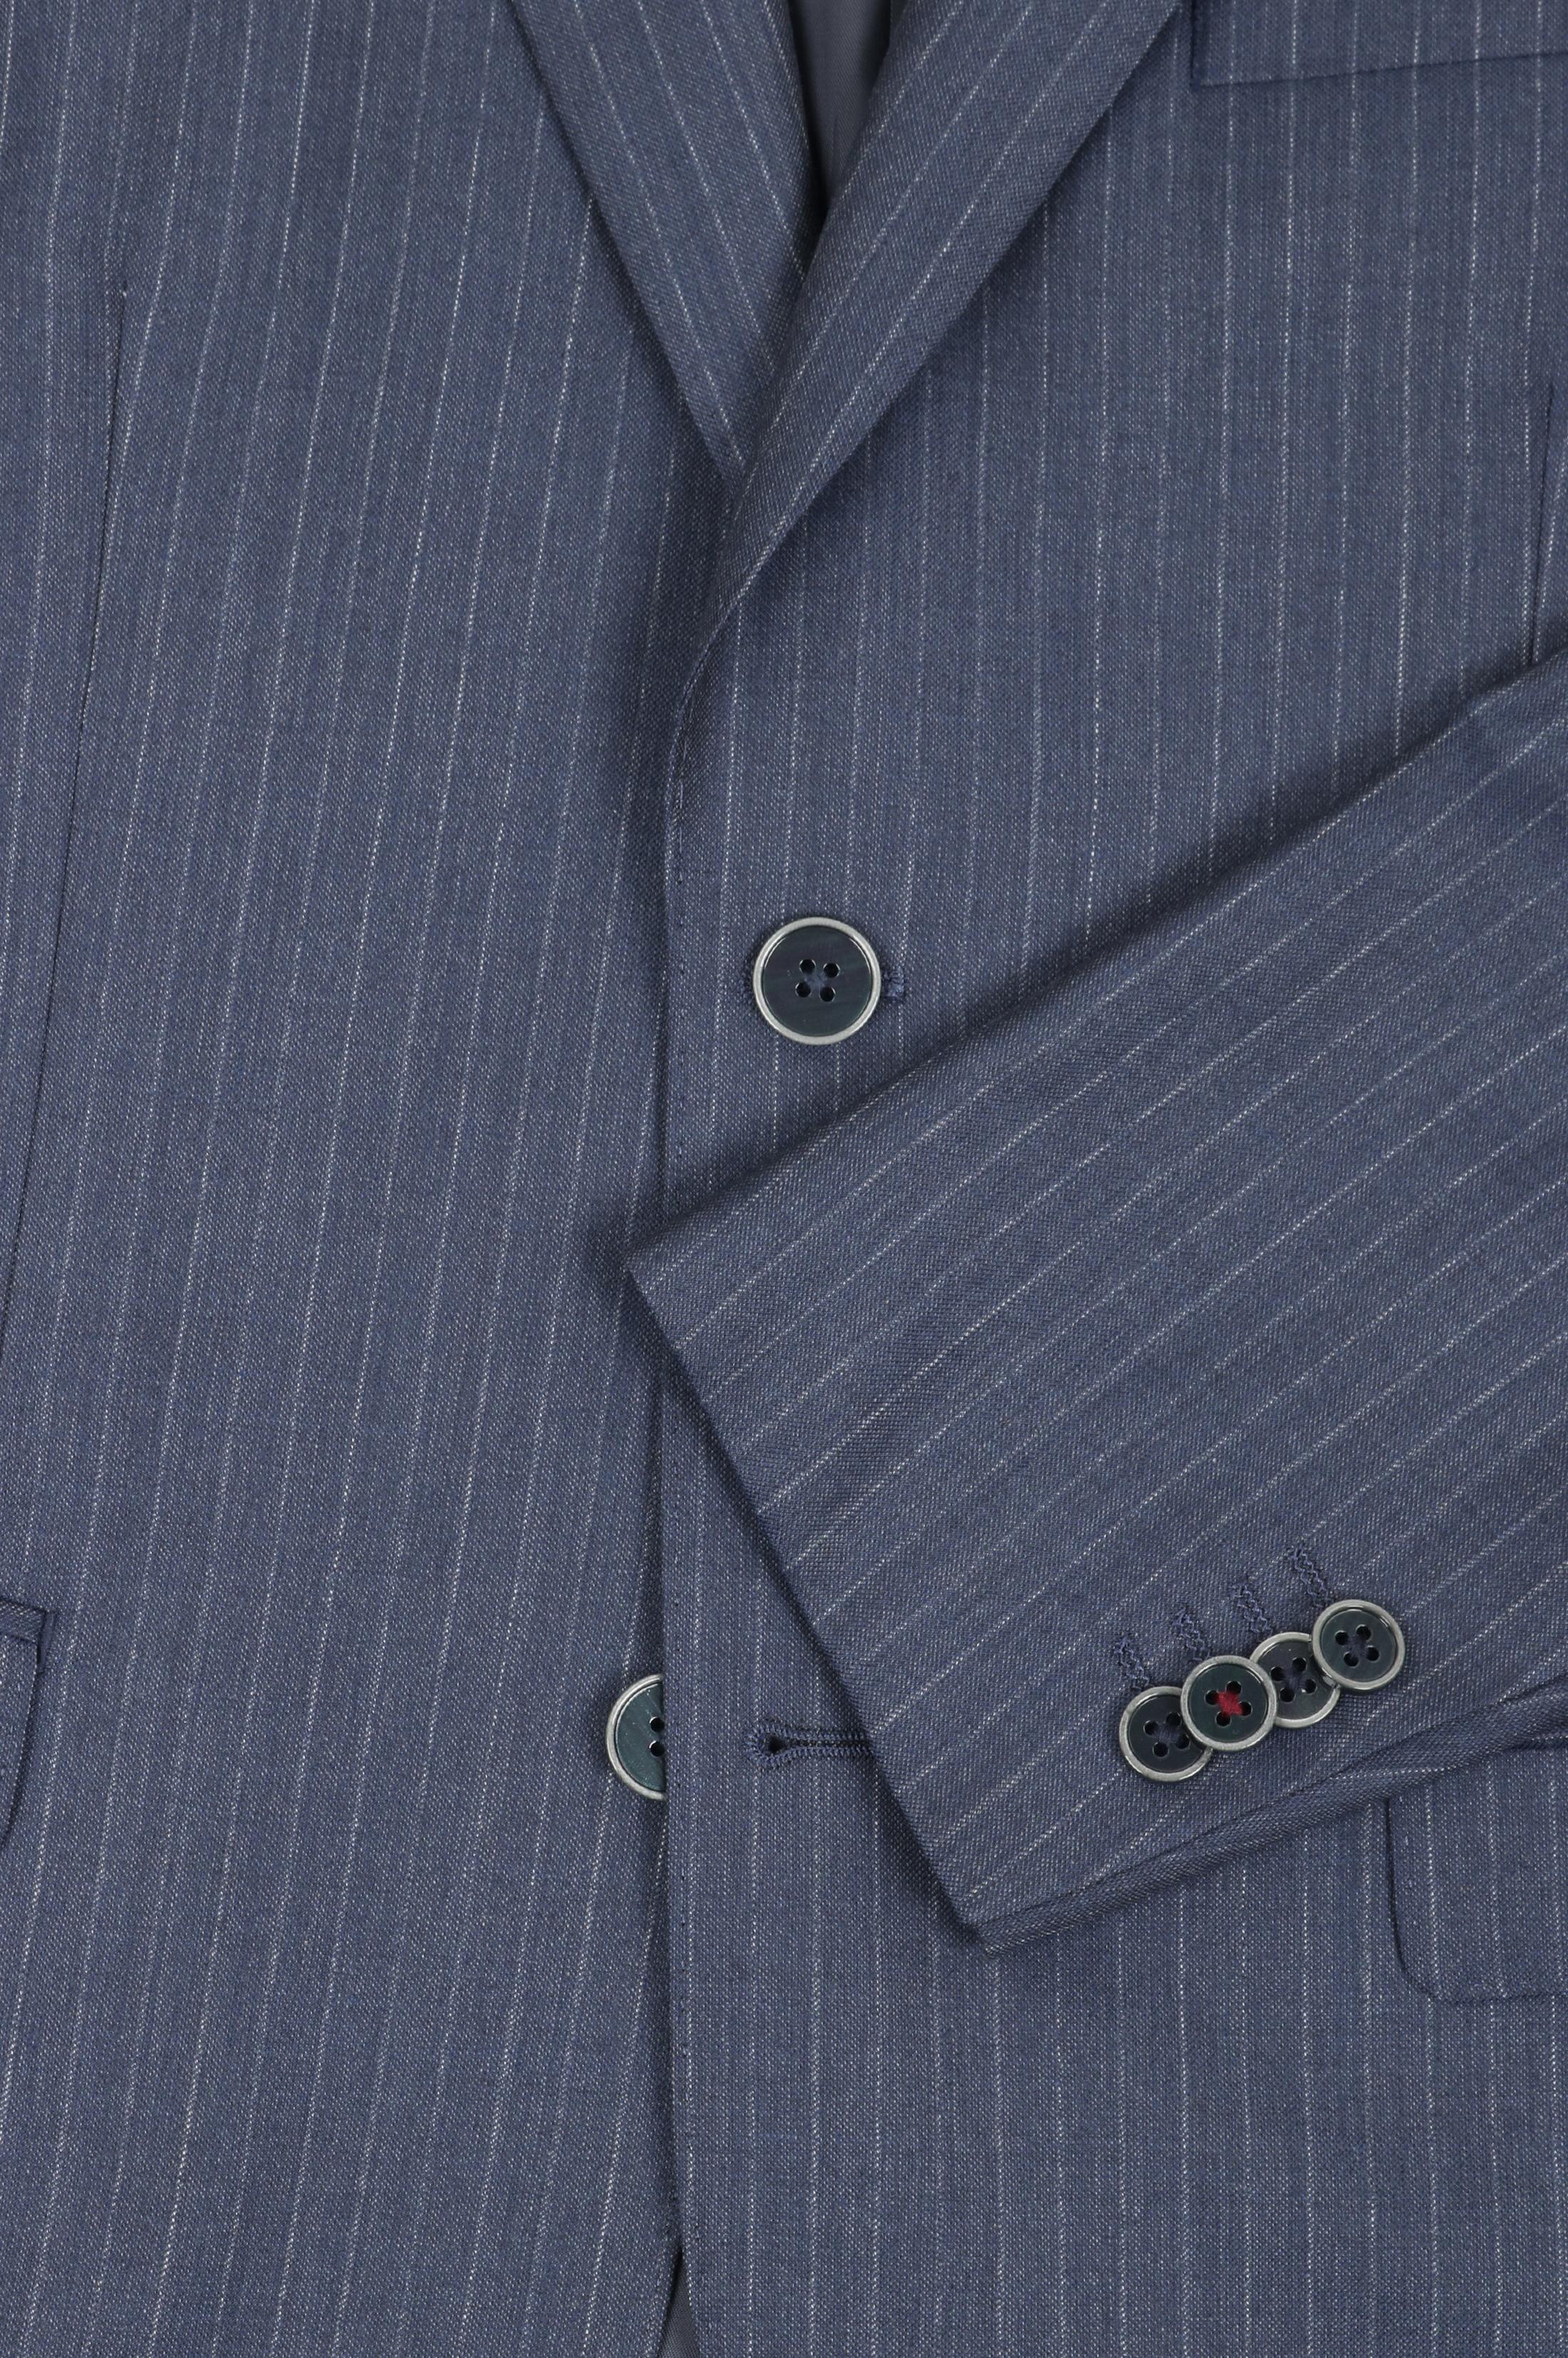 Suitable Anzug Wien Blau foto 2